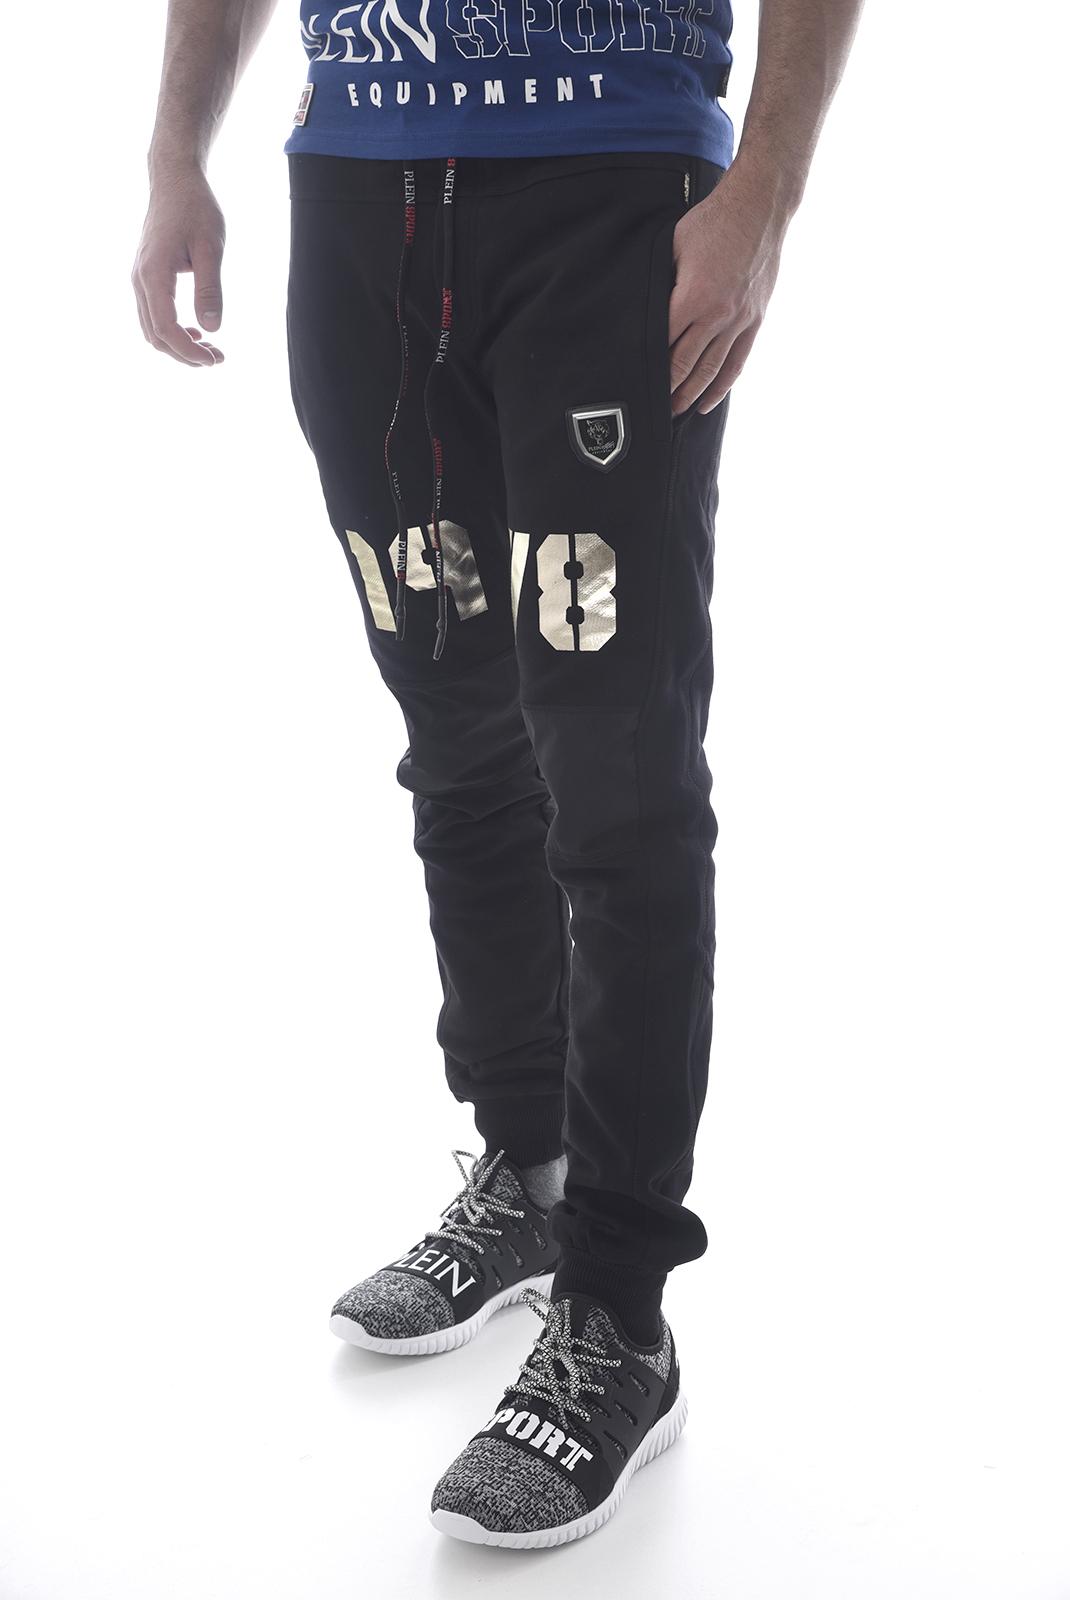 Pantalons sport/streetwear  Plein Sport P17C MJT0148 02L BLACK GOLD